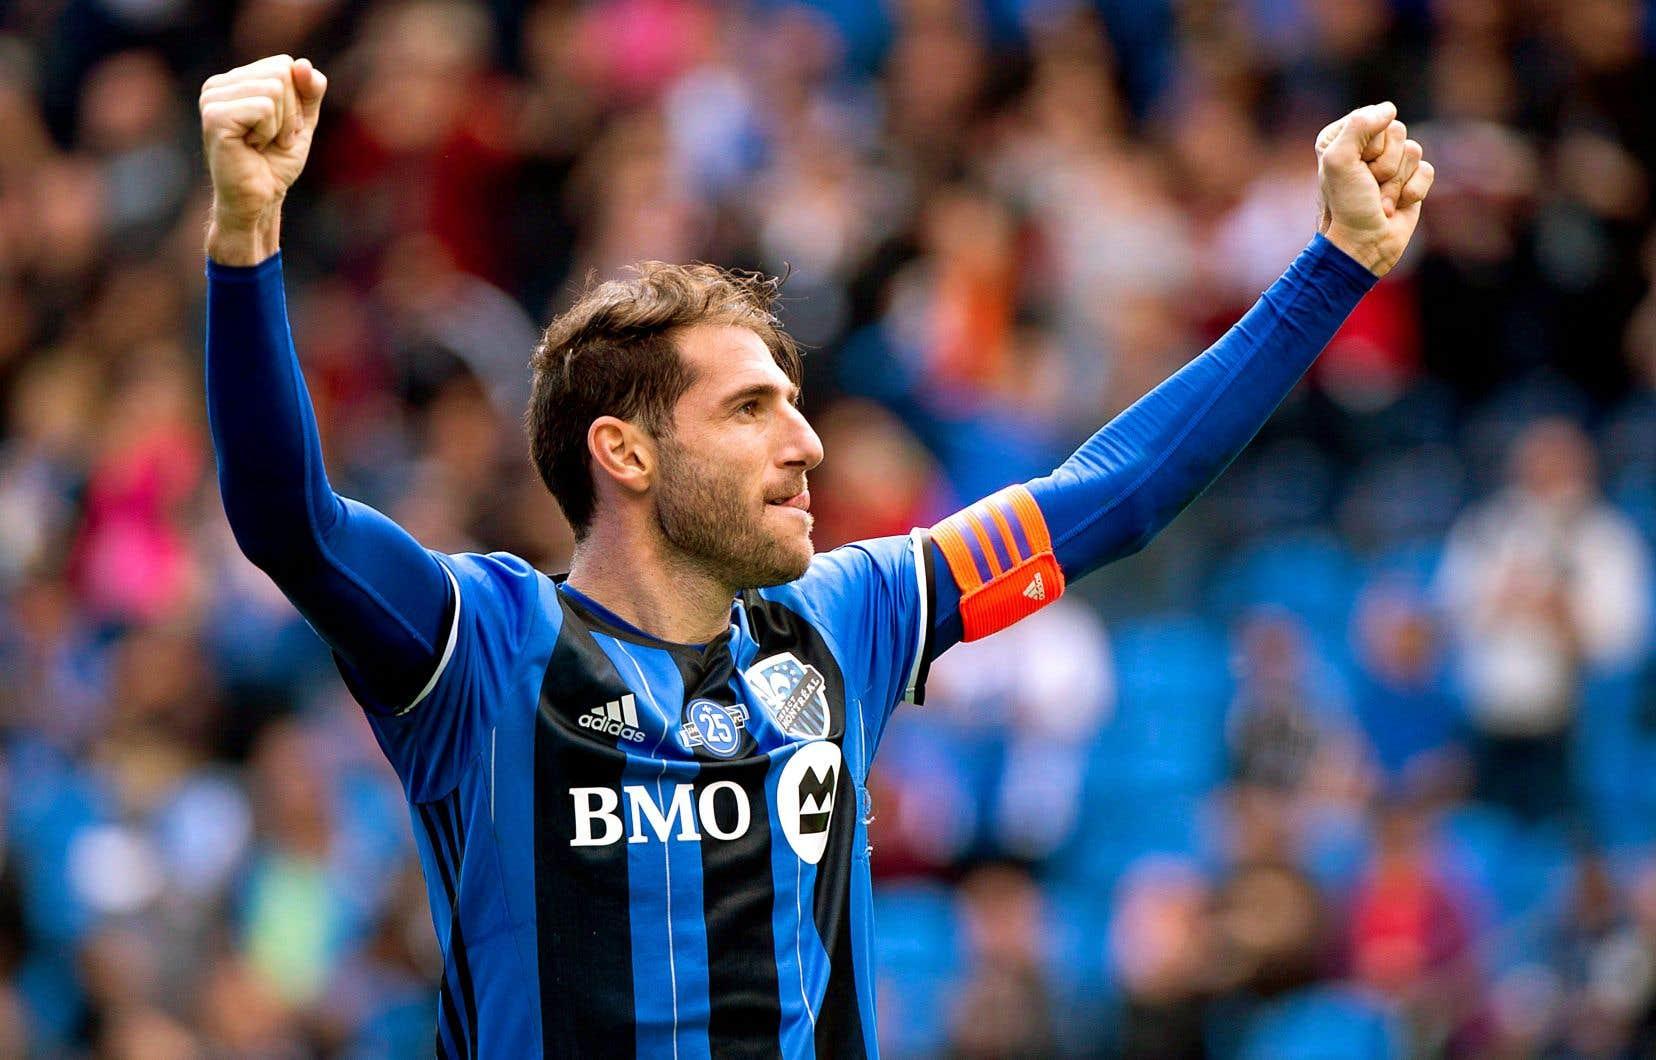 L'une des plus grandes vedettes de l'histoire de l'équipe montréalaise depuis son entrée en MLS, Ignacio Piatti se classe au premier rang dans l'histoire du club avec 130 titularisations en saison régulière.